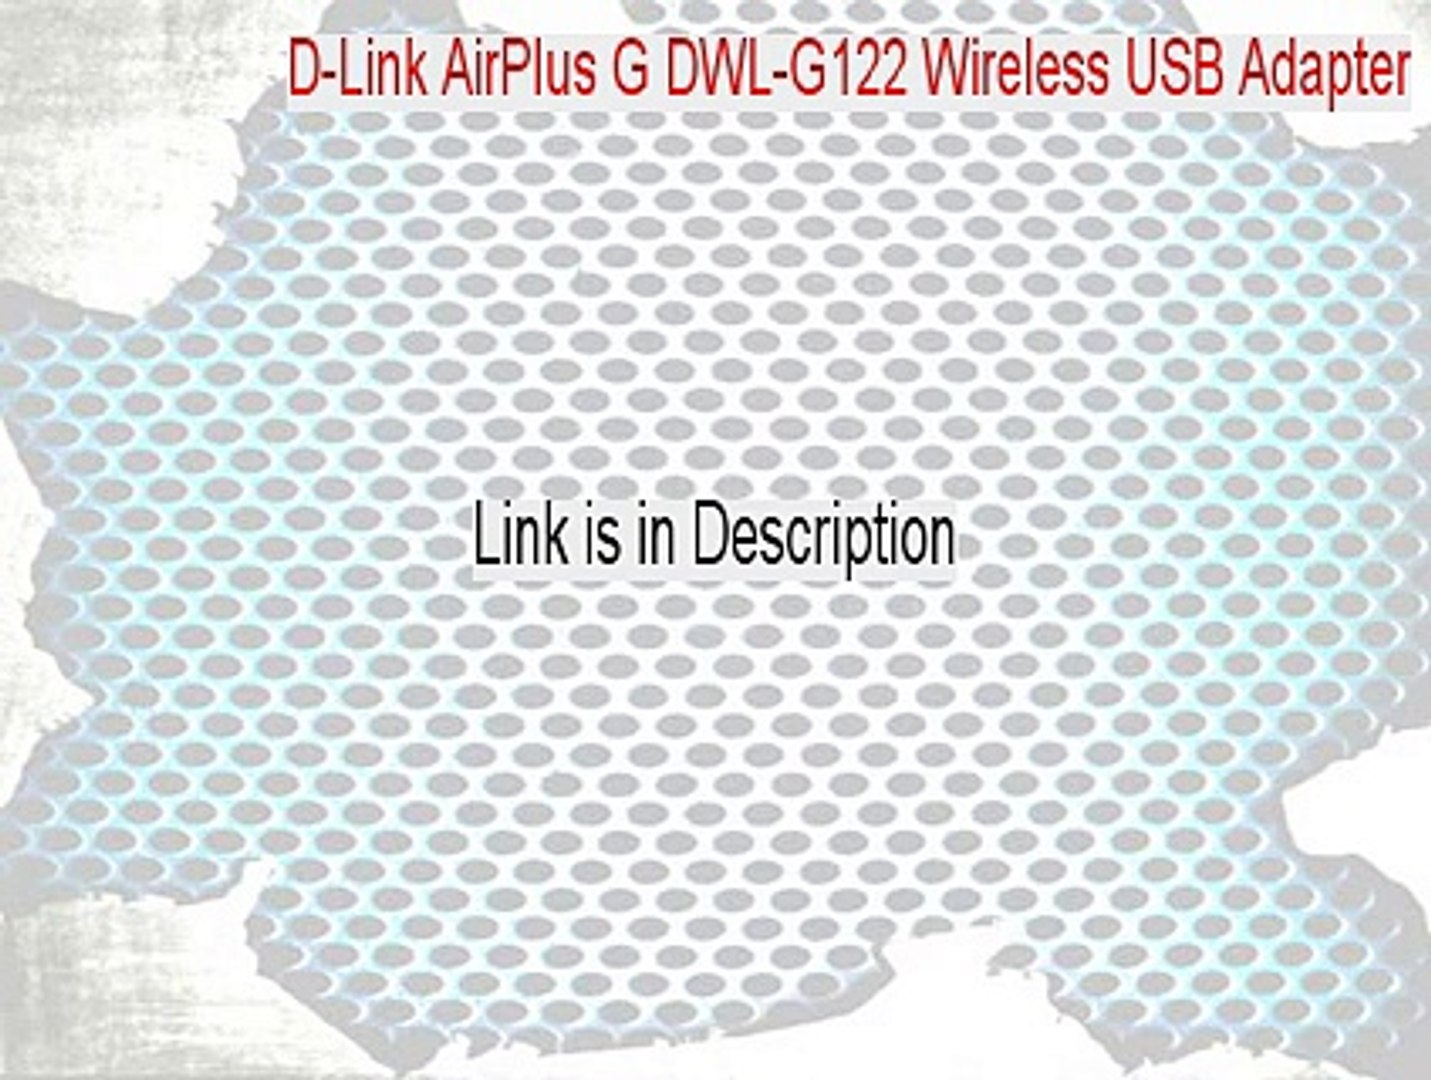 DWL G122 REVC DRIVERS DOWNLOAD FREE